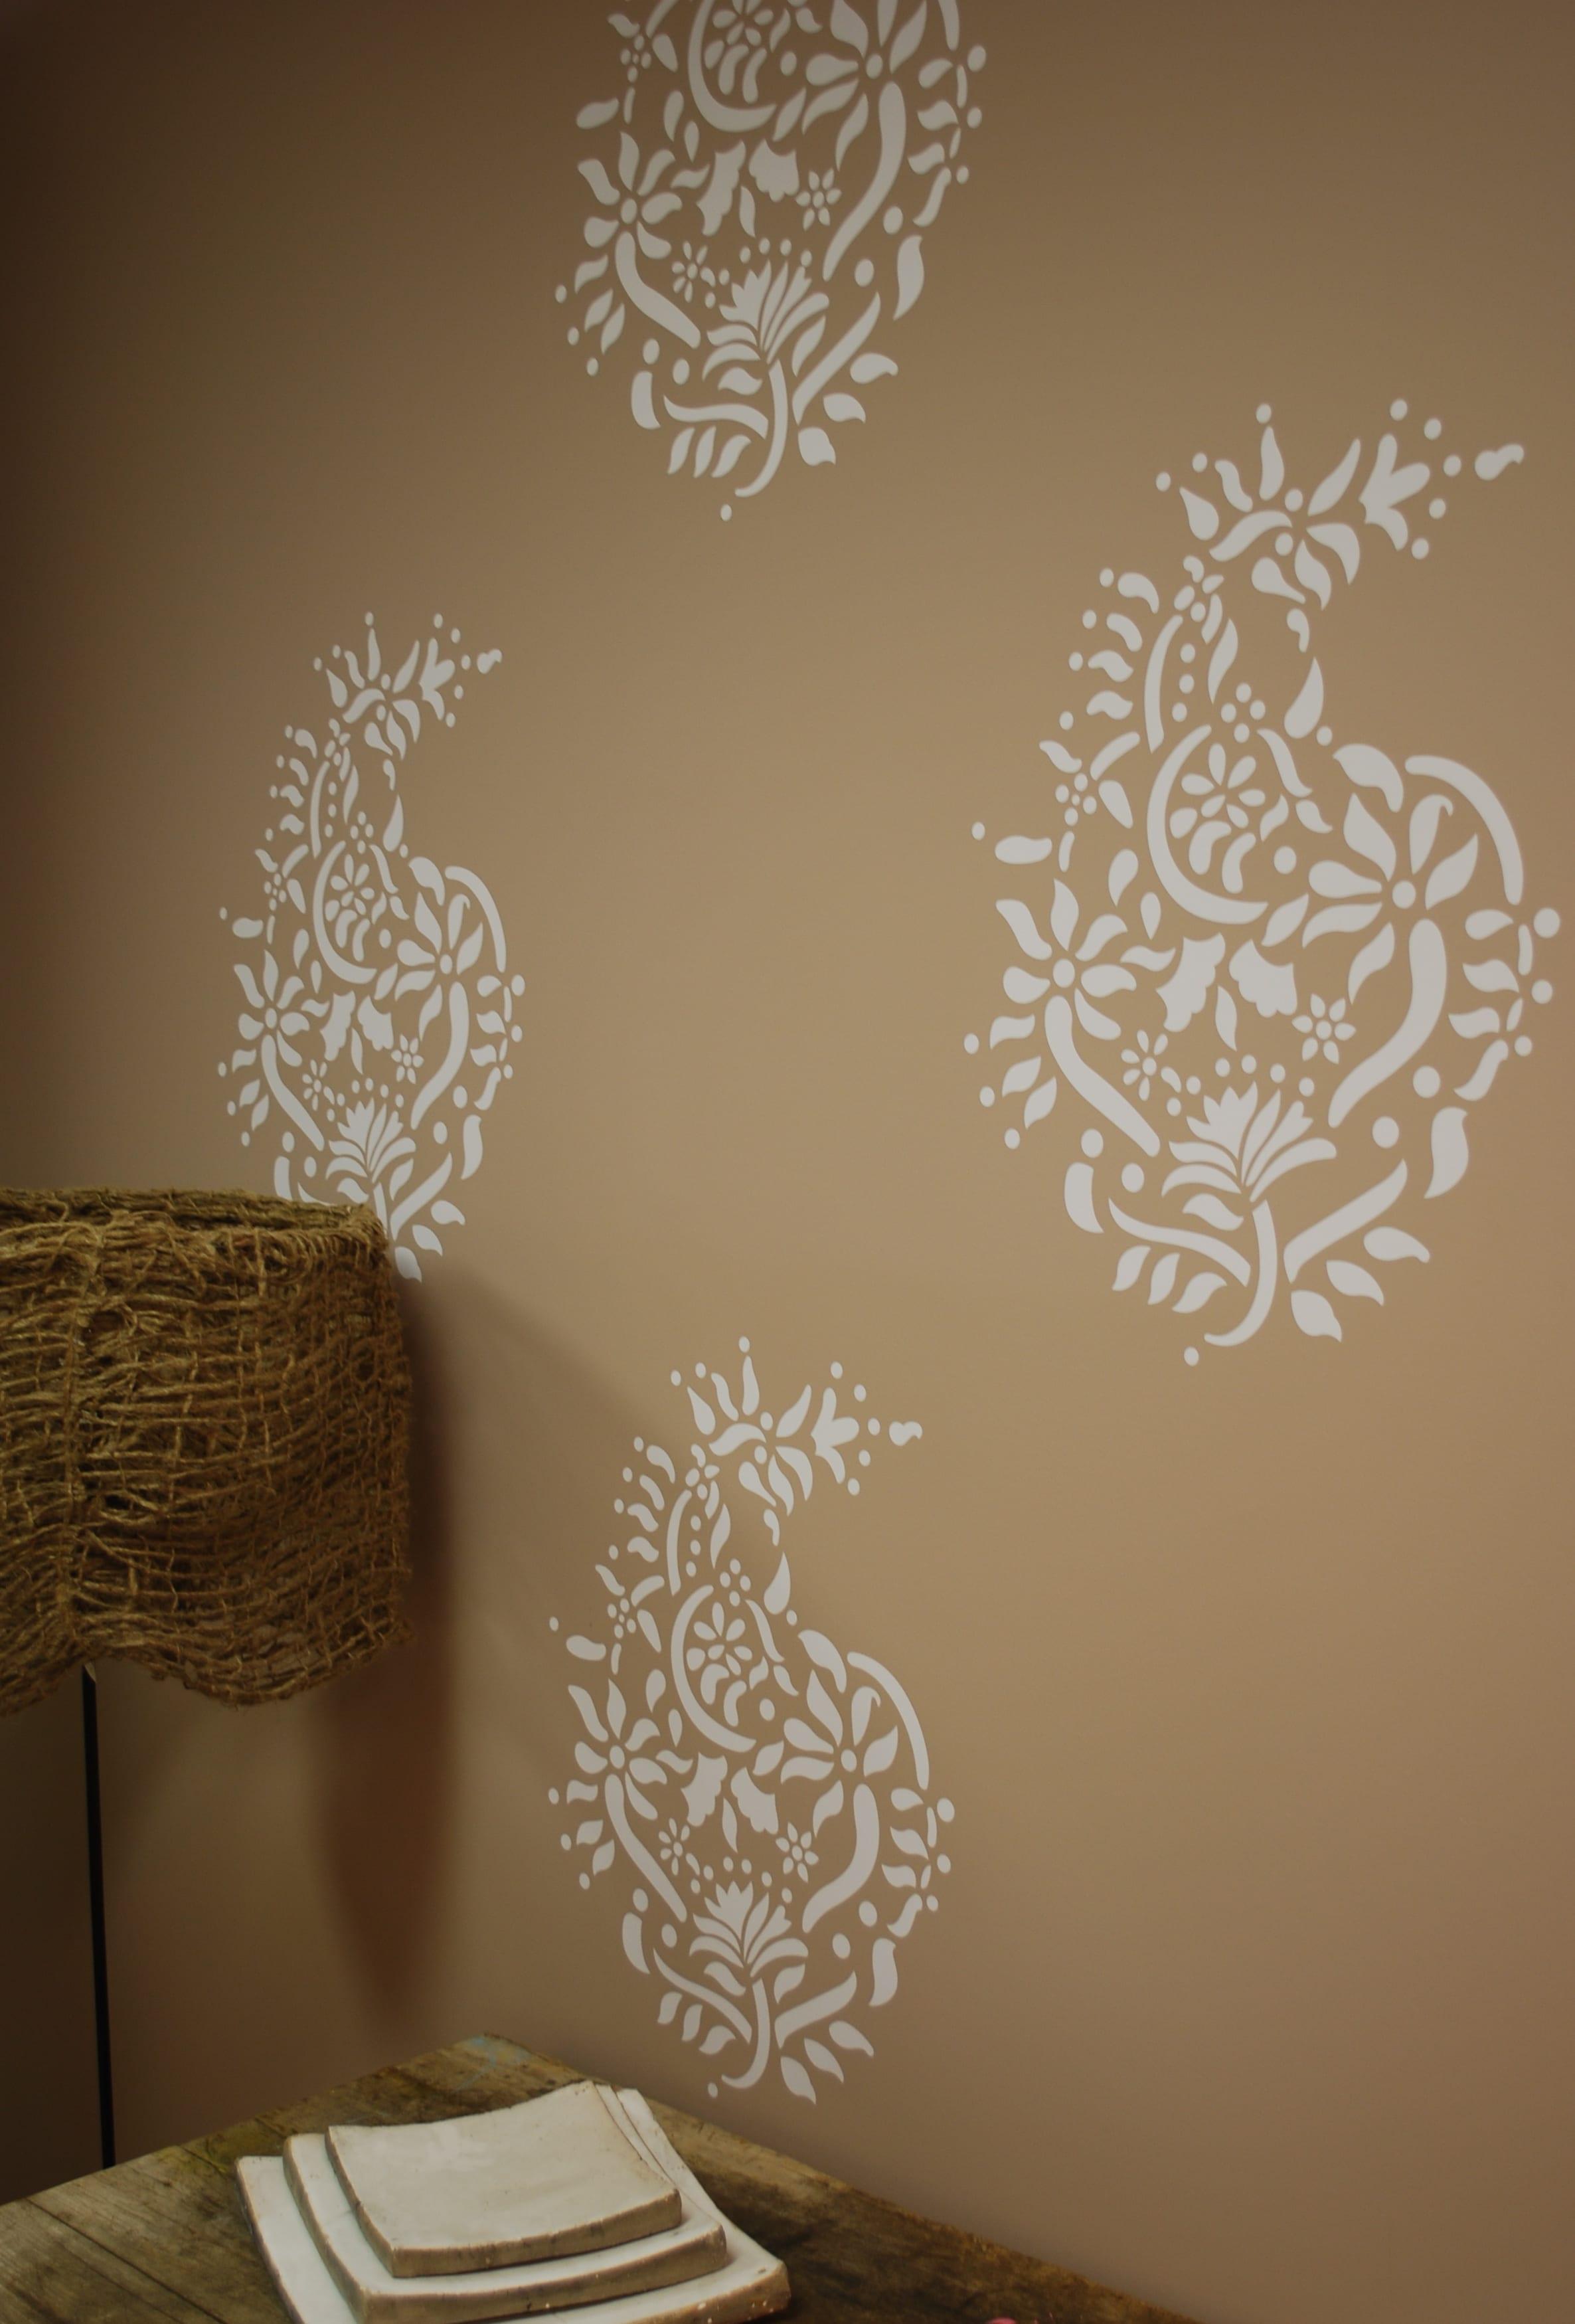 wandtattoo blumen - schlafzimmer wand deko idee - fresHouse